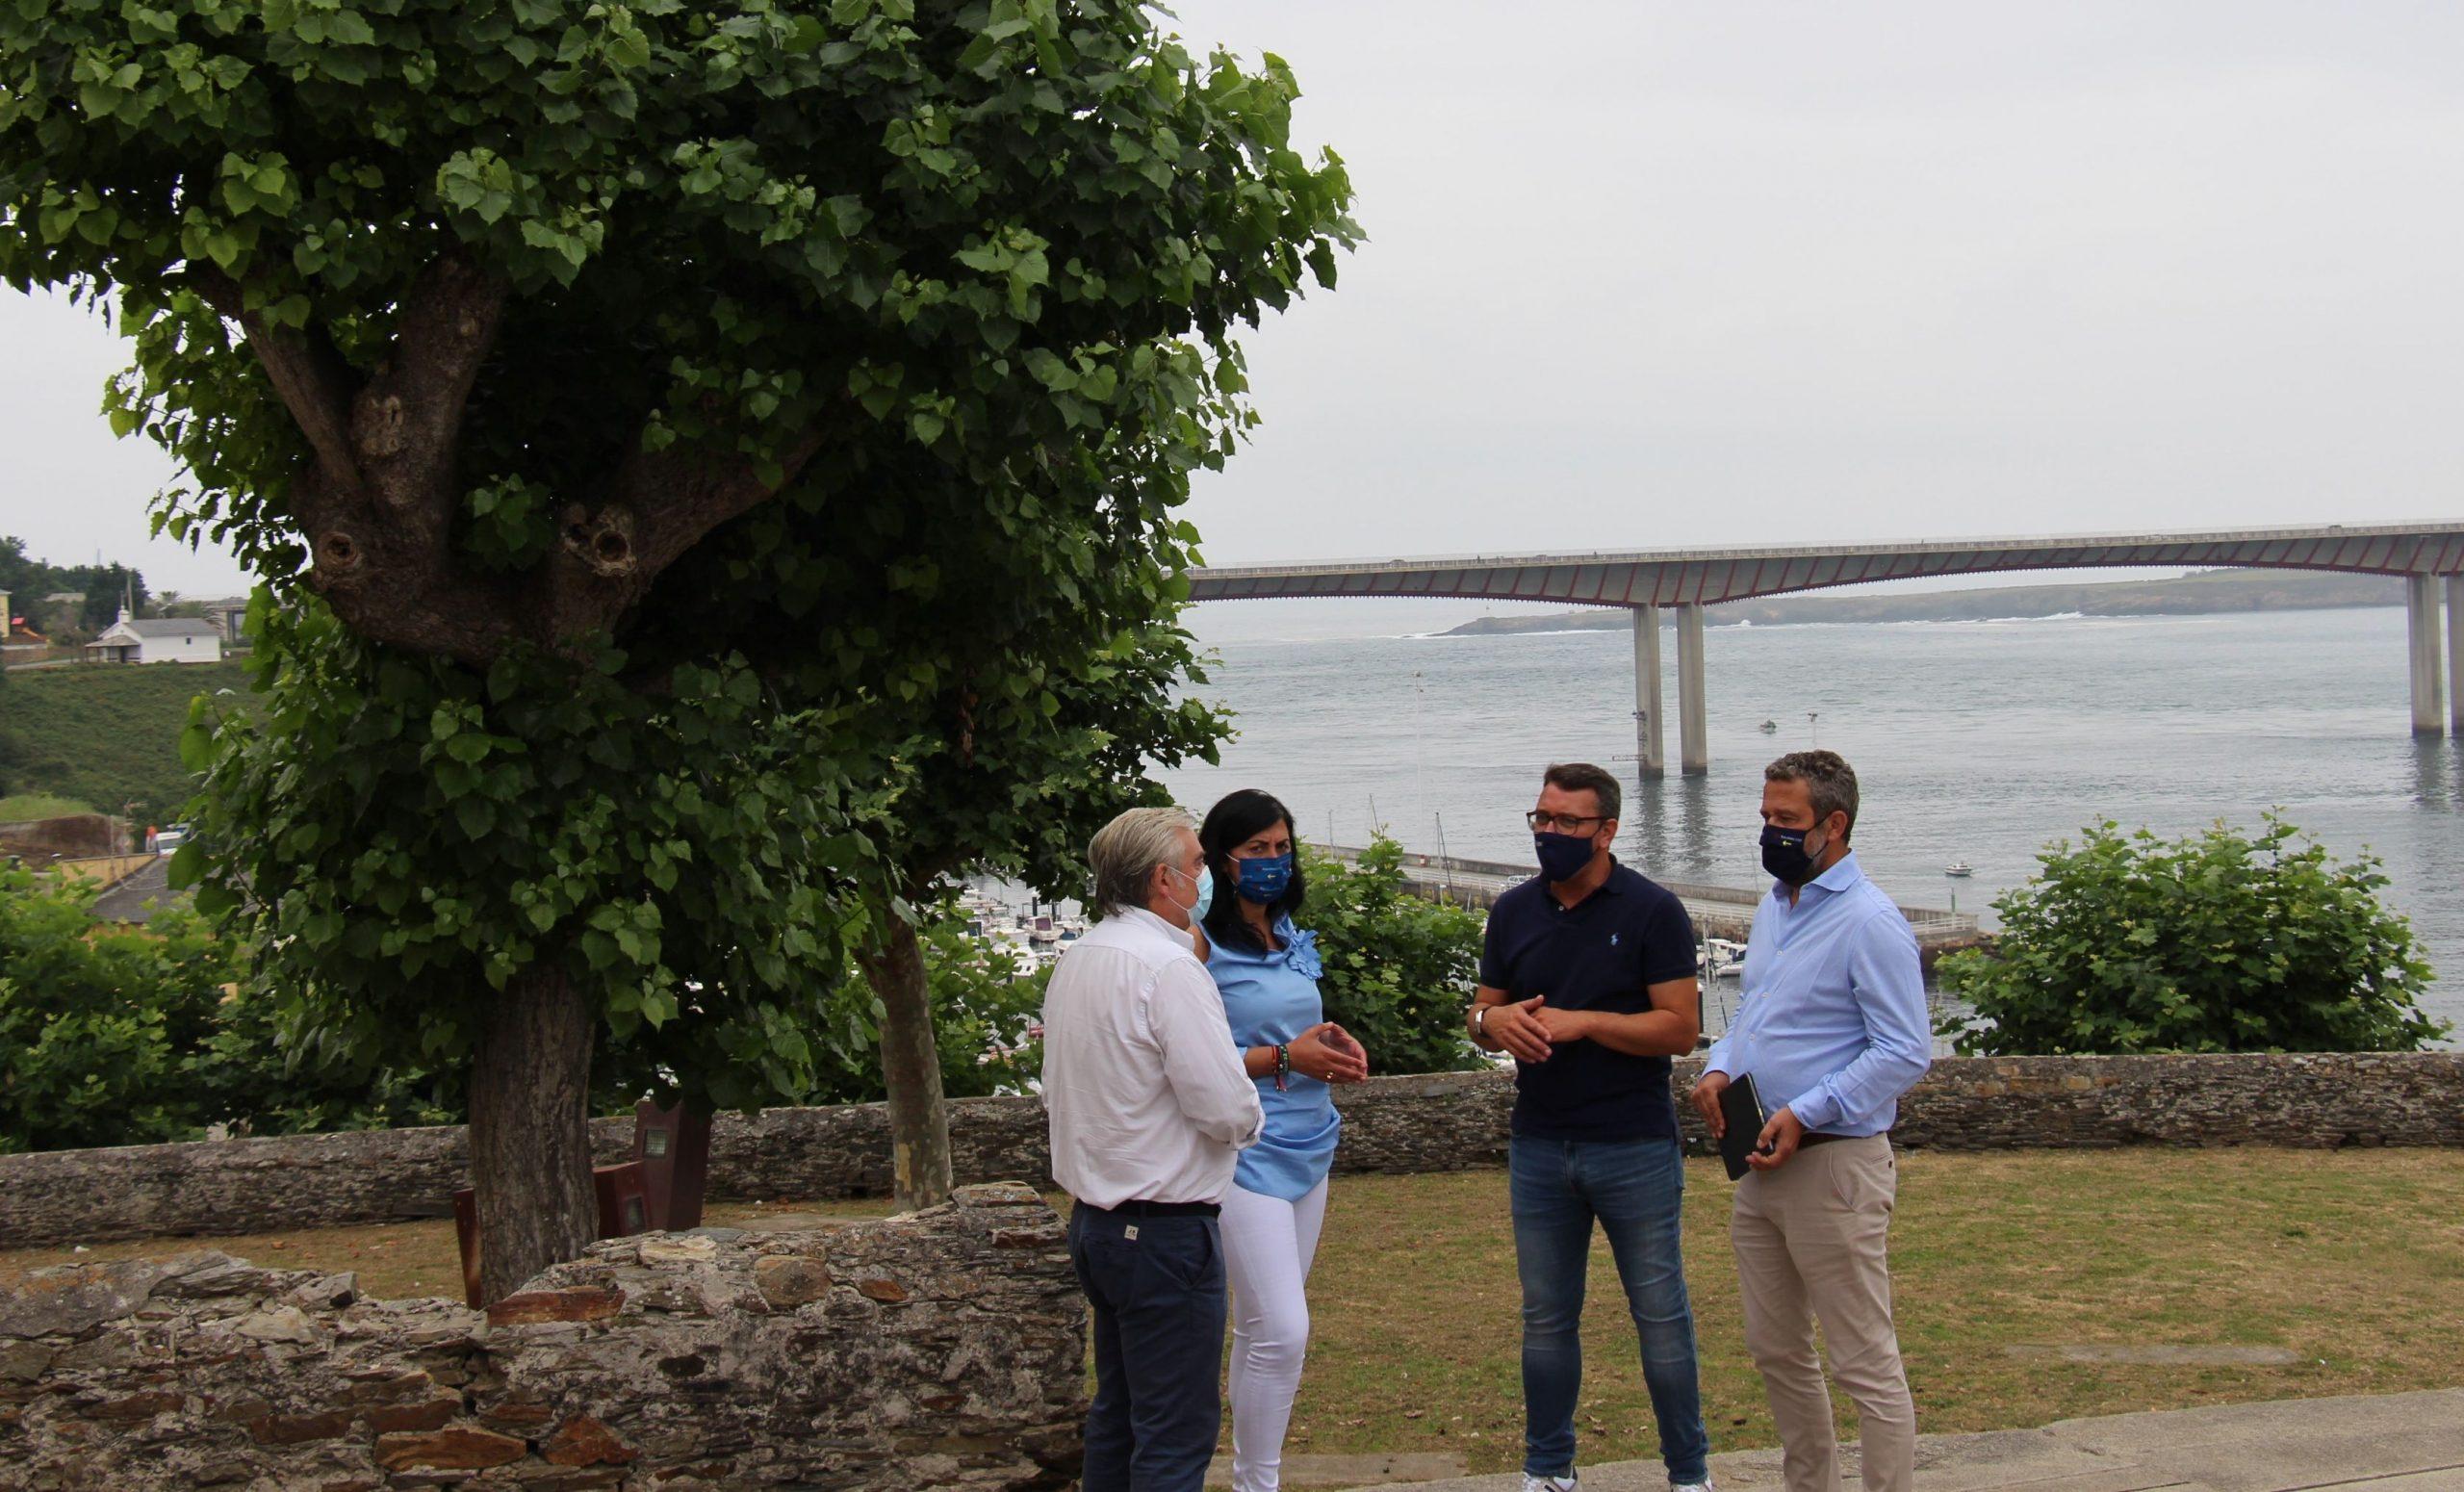 O PP pide ao Goberno que encargue un estudo de viabilidade técnico-económica para conectar A Mariña con Lugo e con Santiago